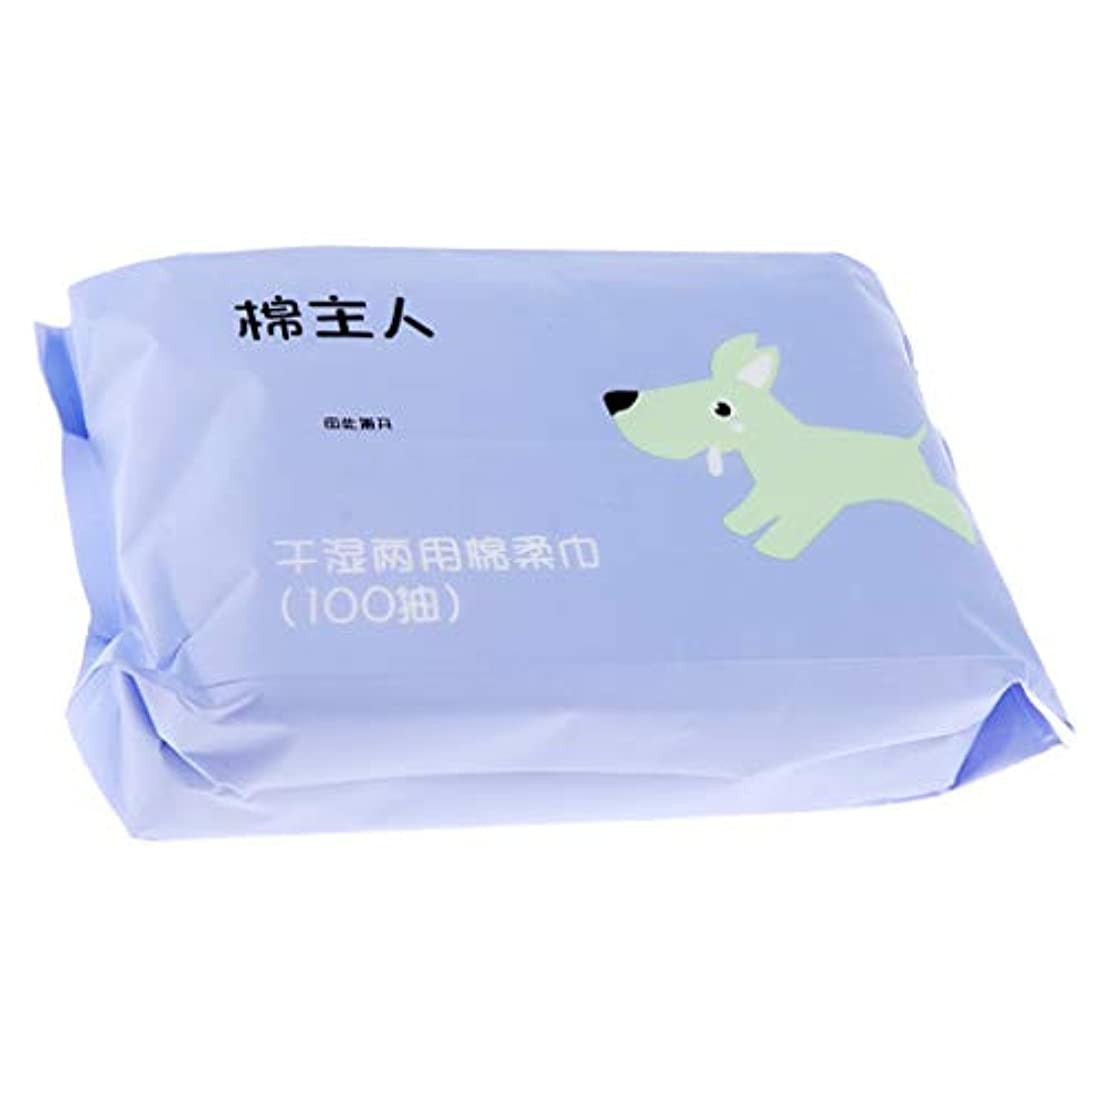 霧冷蔵庫美人IPOTCH 約100枚 使い捨て クリーニング フェイスタオル 化粧品 ソフト フェイシャルワイプ 2色選べ - 青紫